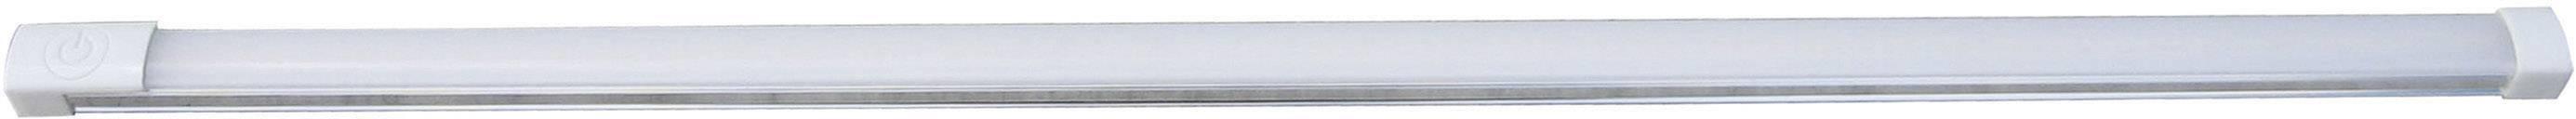 LED svetelná lišta, základná sada DioDor DIO-TL60-SP-FW, 10 W, 60 cm, chladná biela, biela